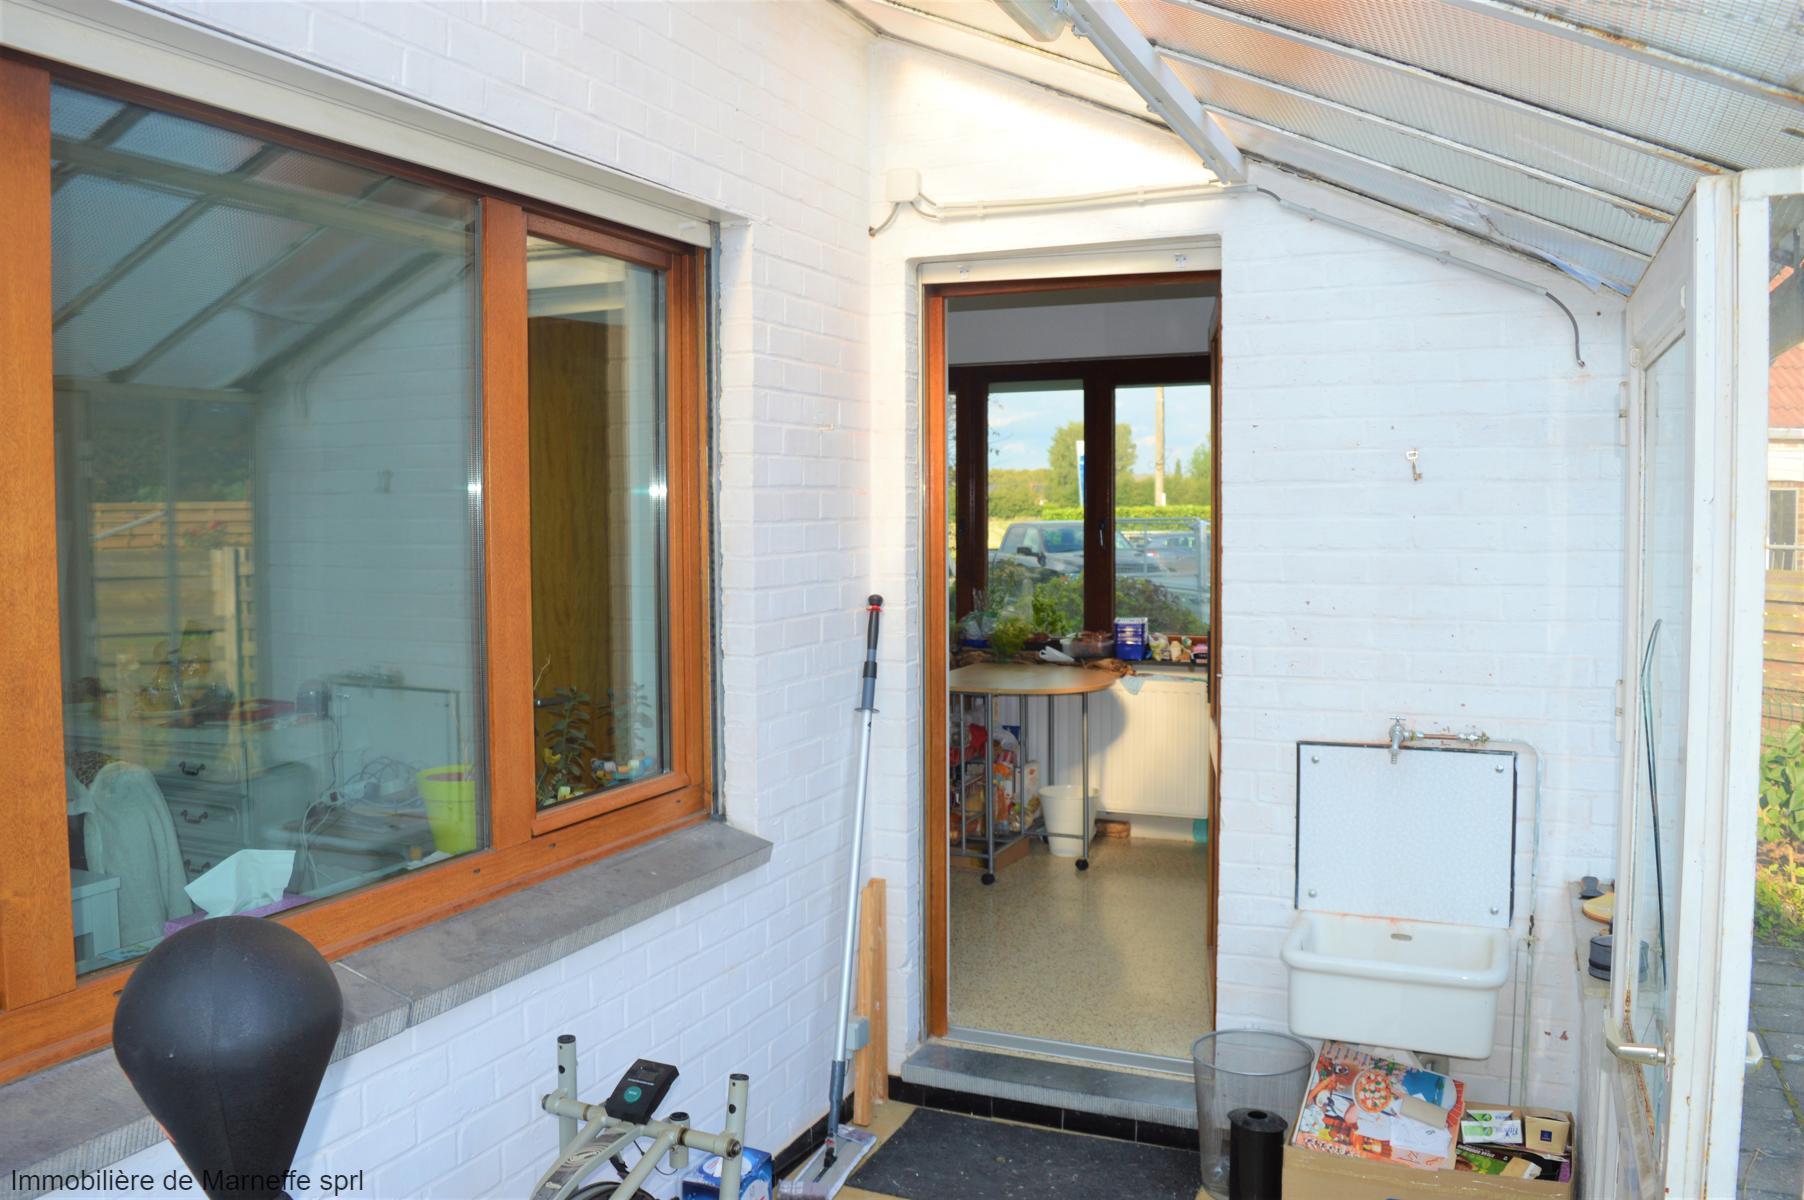 Maison - Verlaine - #4512061-19